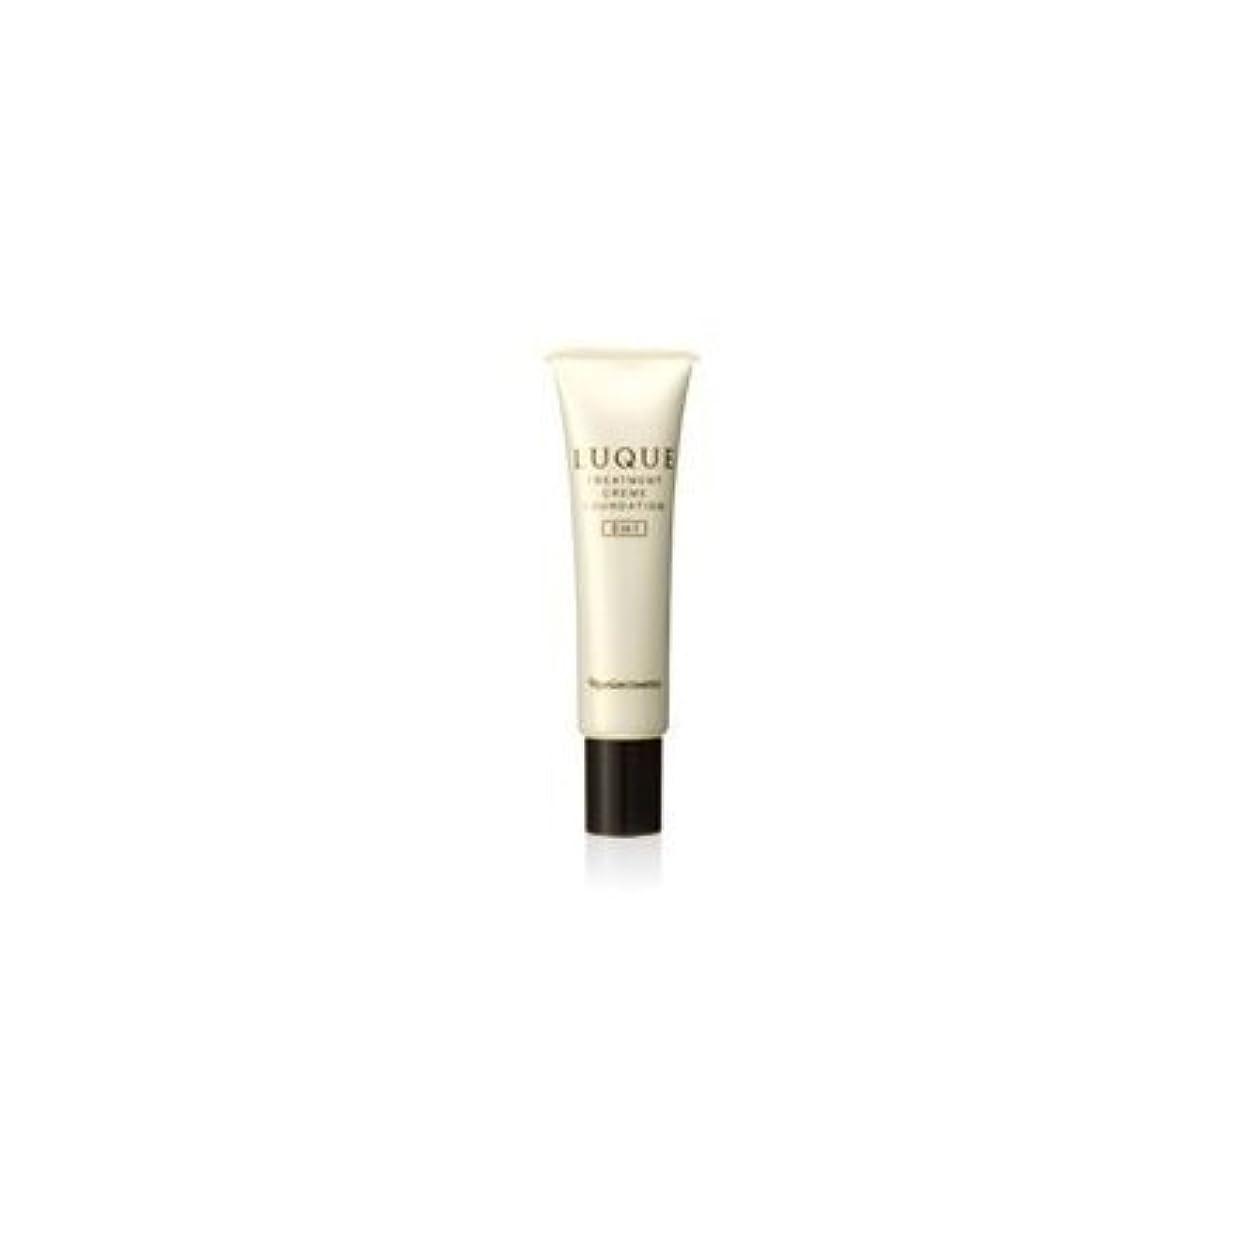 符号威する持続的ナリス化粧品ルクエトリートメントクリームファンデーション 25g SPF17 PA++02ナチュラル